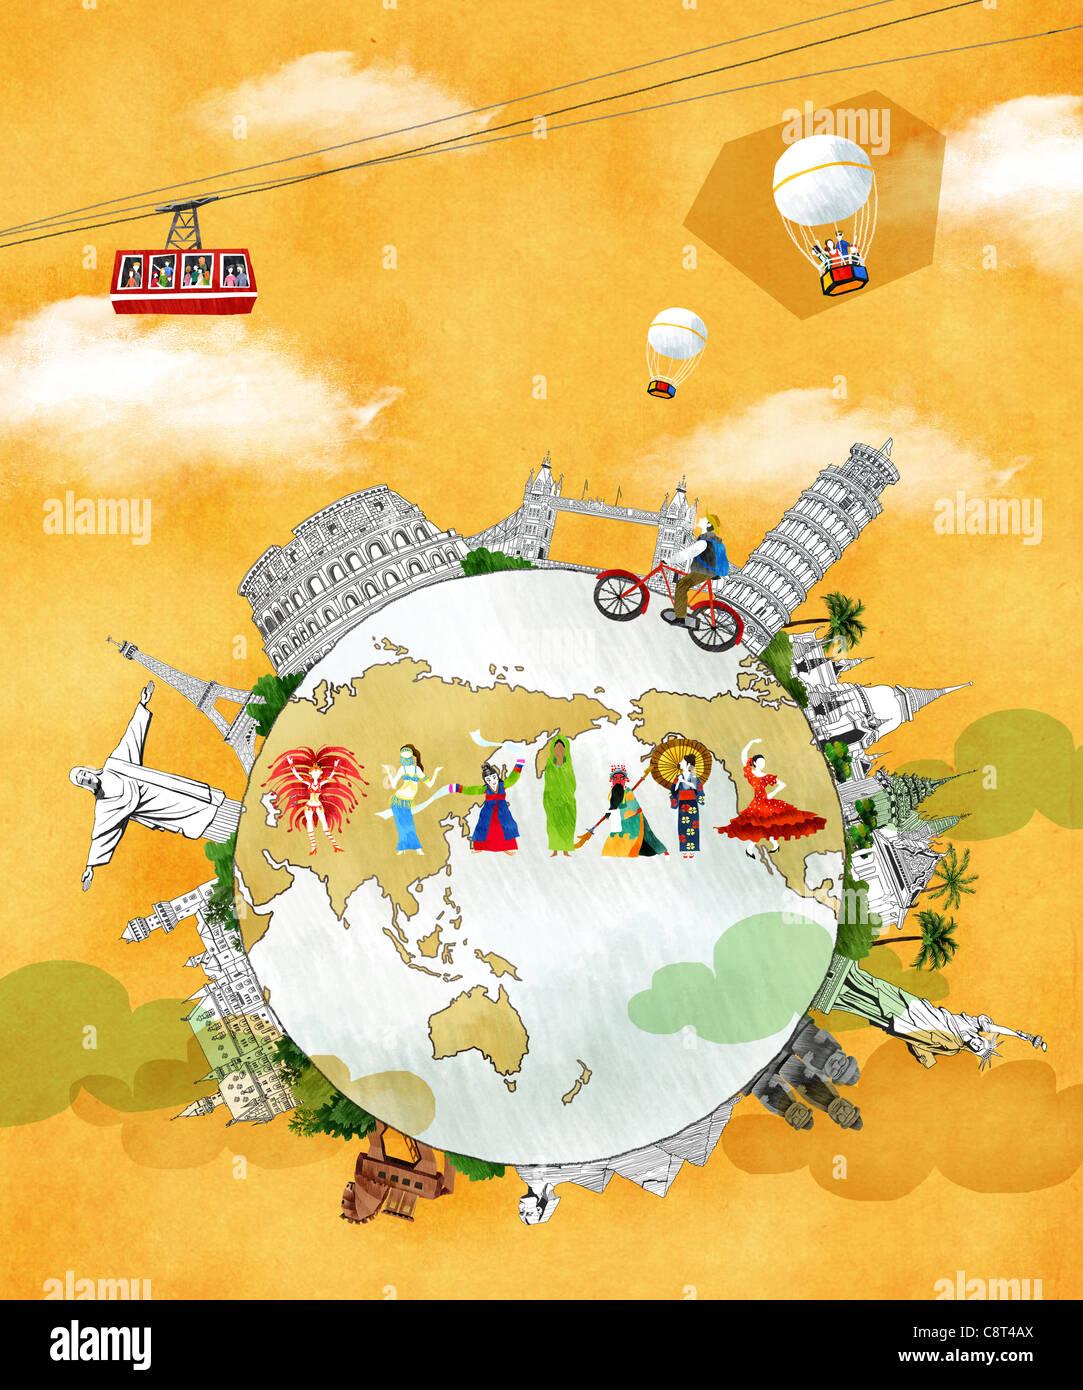 Globus und die traditionelle Kultur mit Wahrzeichen Stockbild